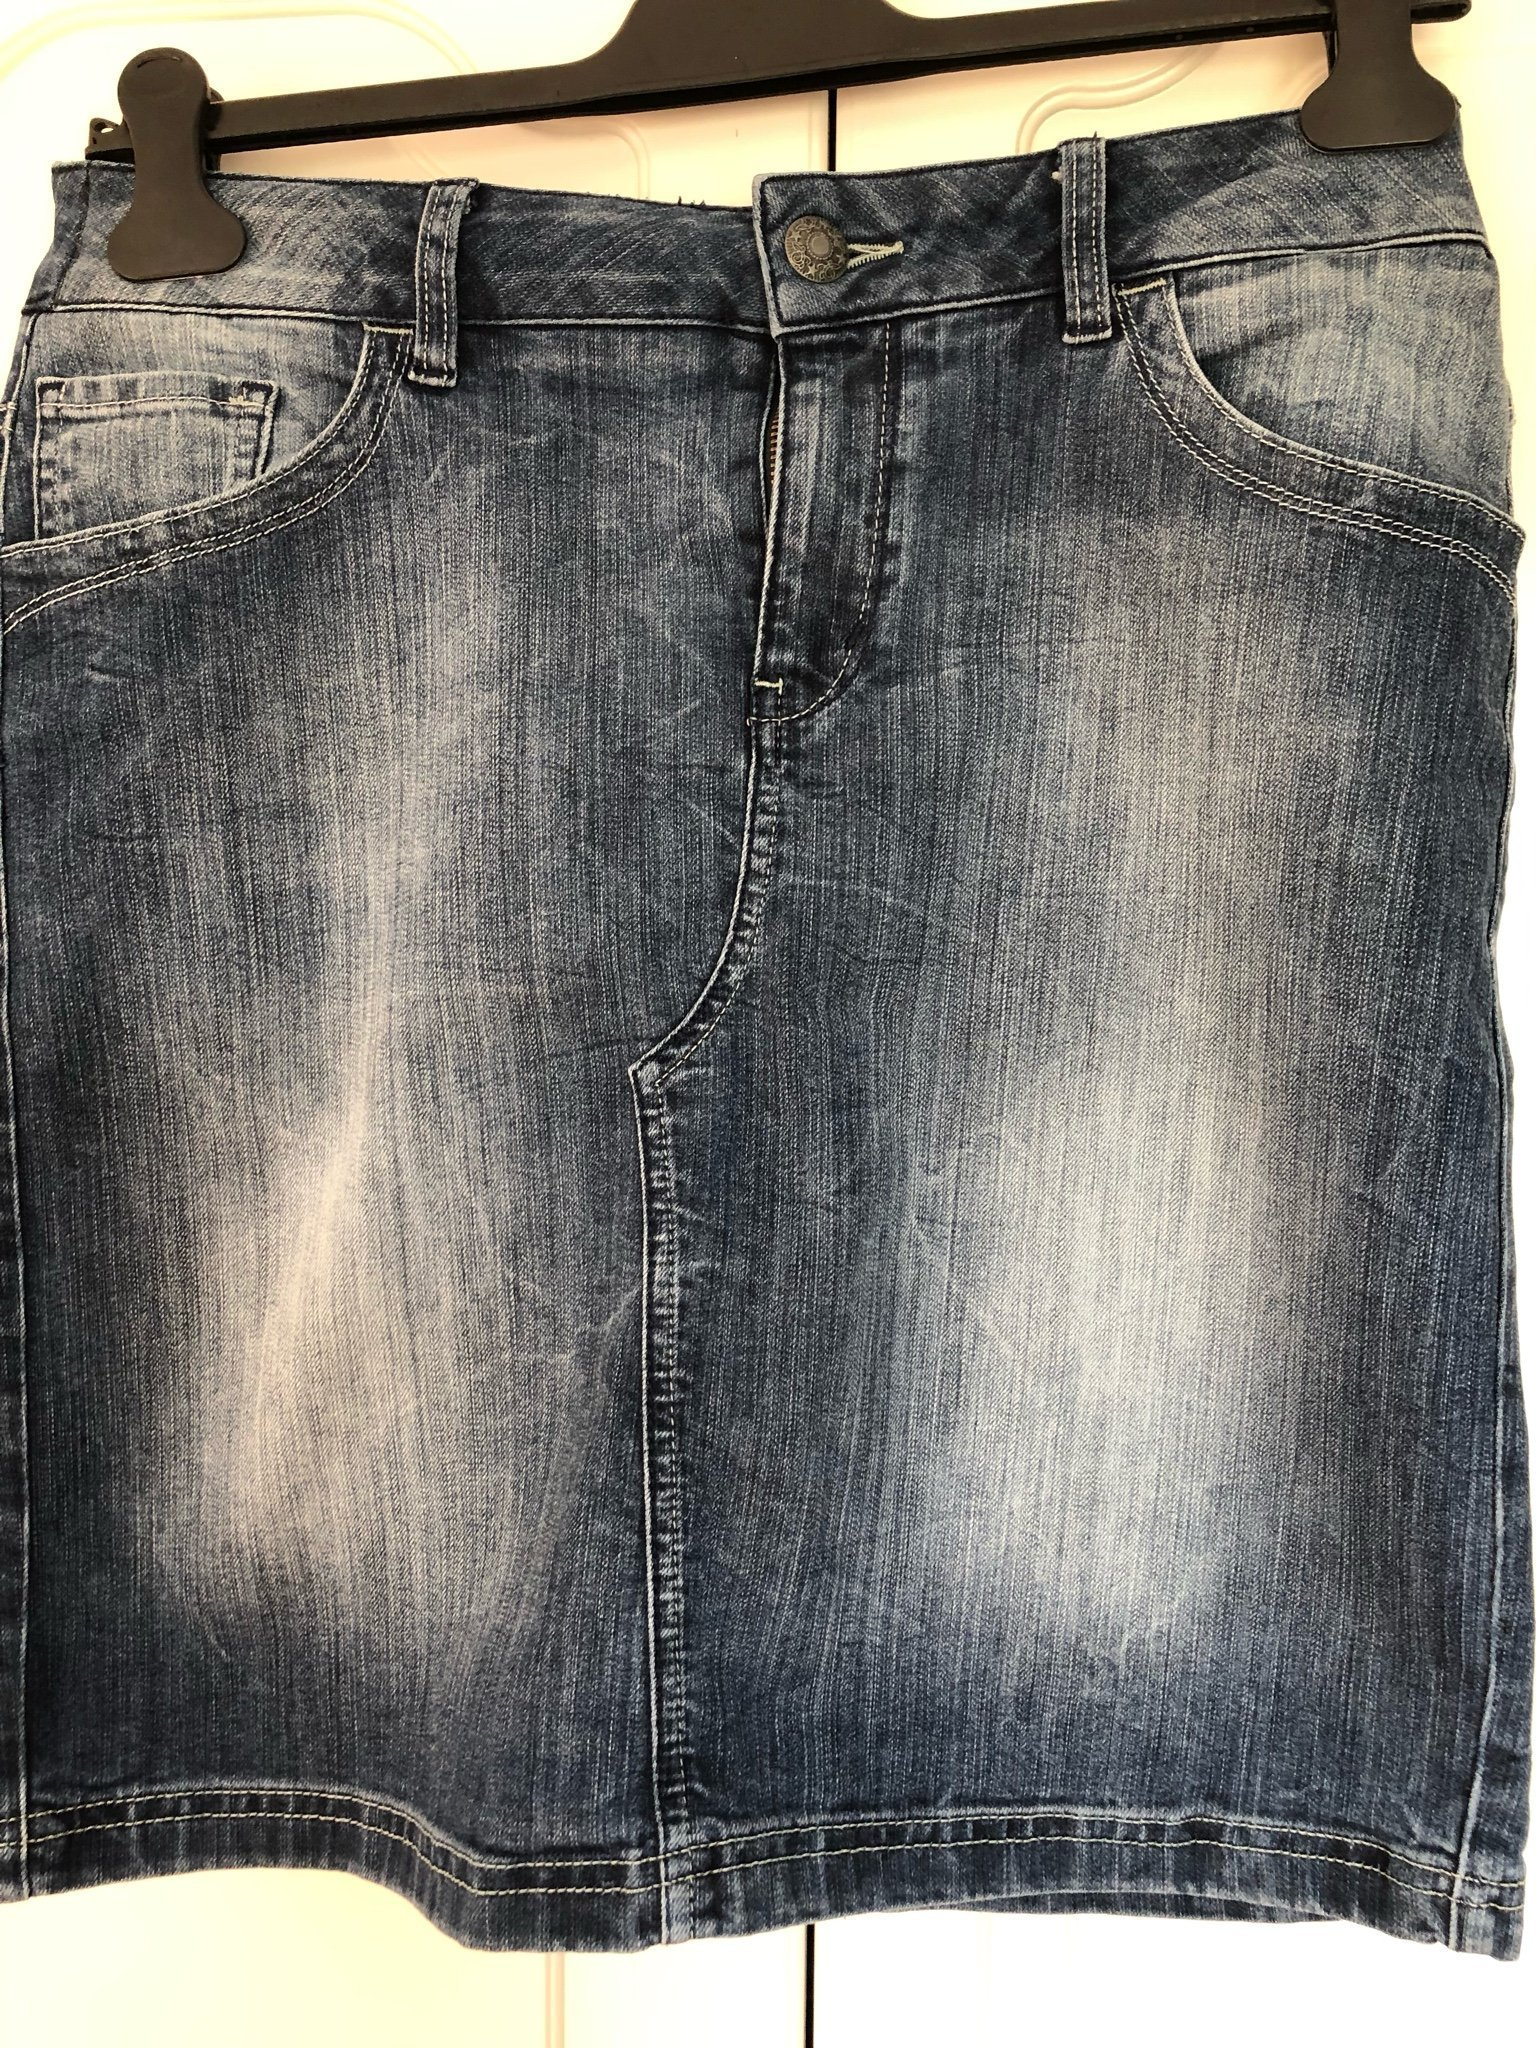 fba1ab1ec886 Esprit jeanskjol storlek 42 (346971797) ᐈ Köp på Tradera